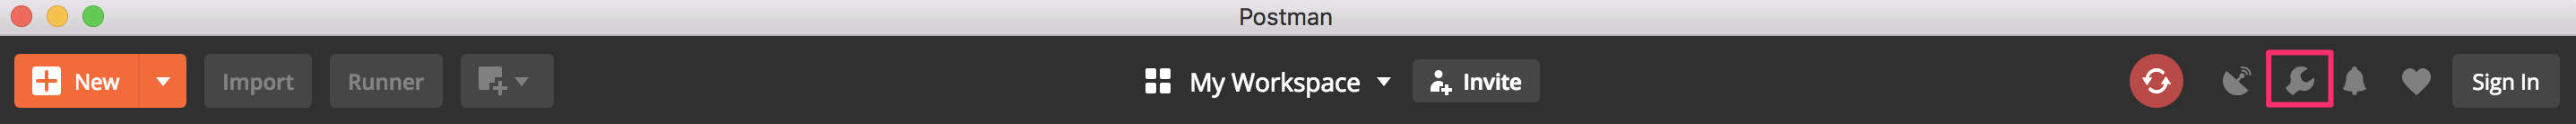 Postmanを使ってProxy経由でAPIにアクセスする方法